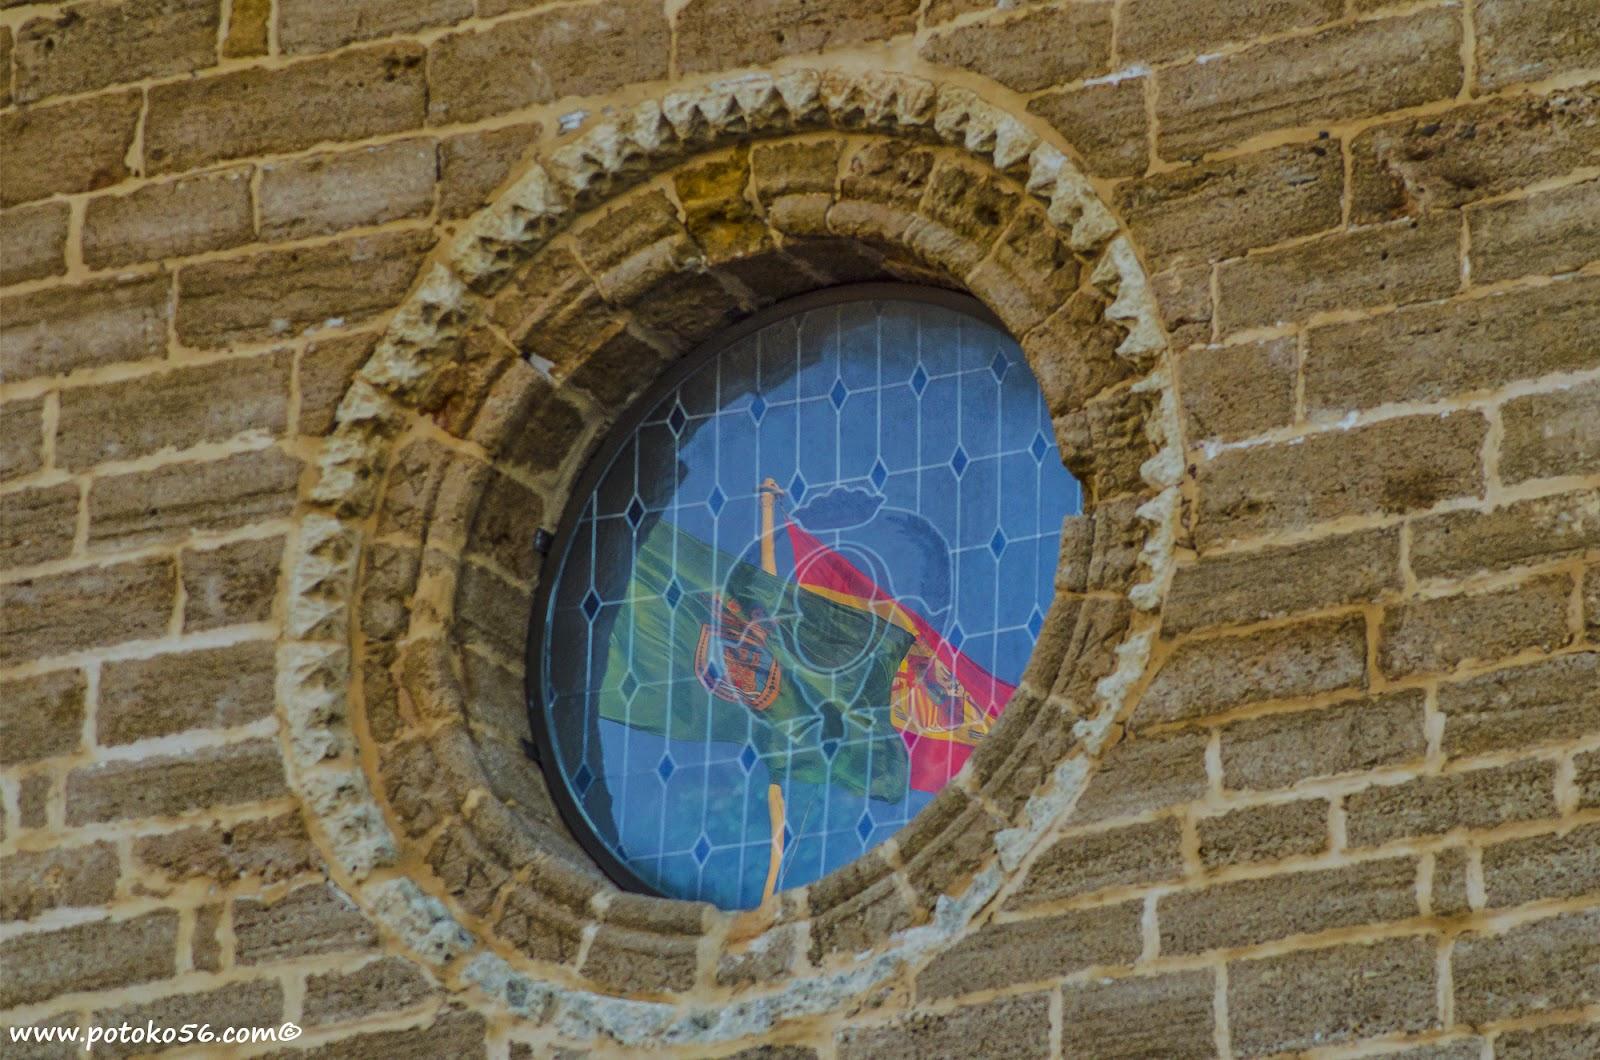 Reflejos de las banderas en la vidriera de la Parroquia de La O en Rota